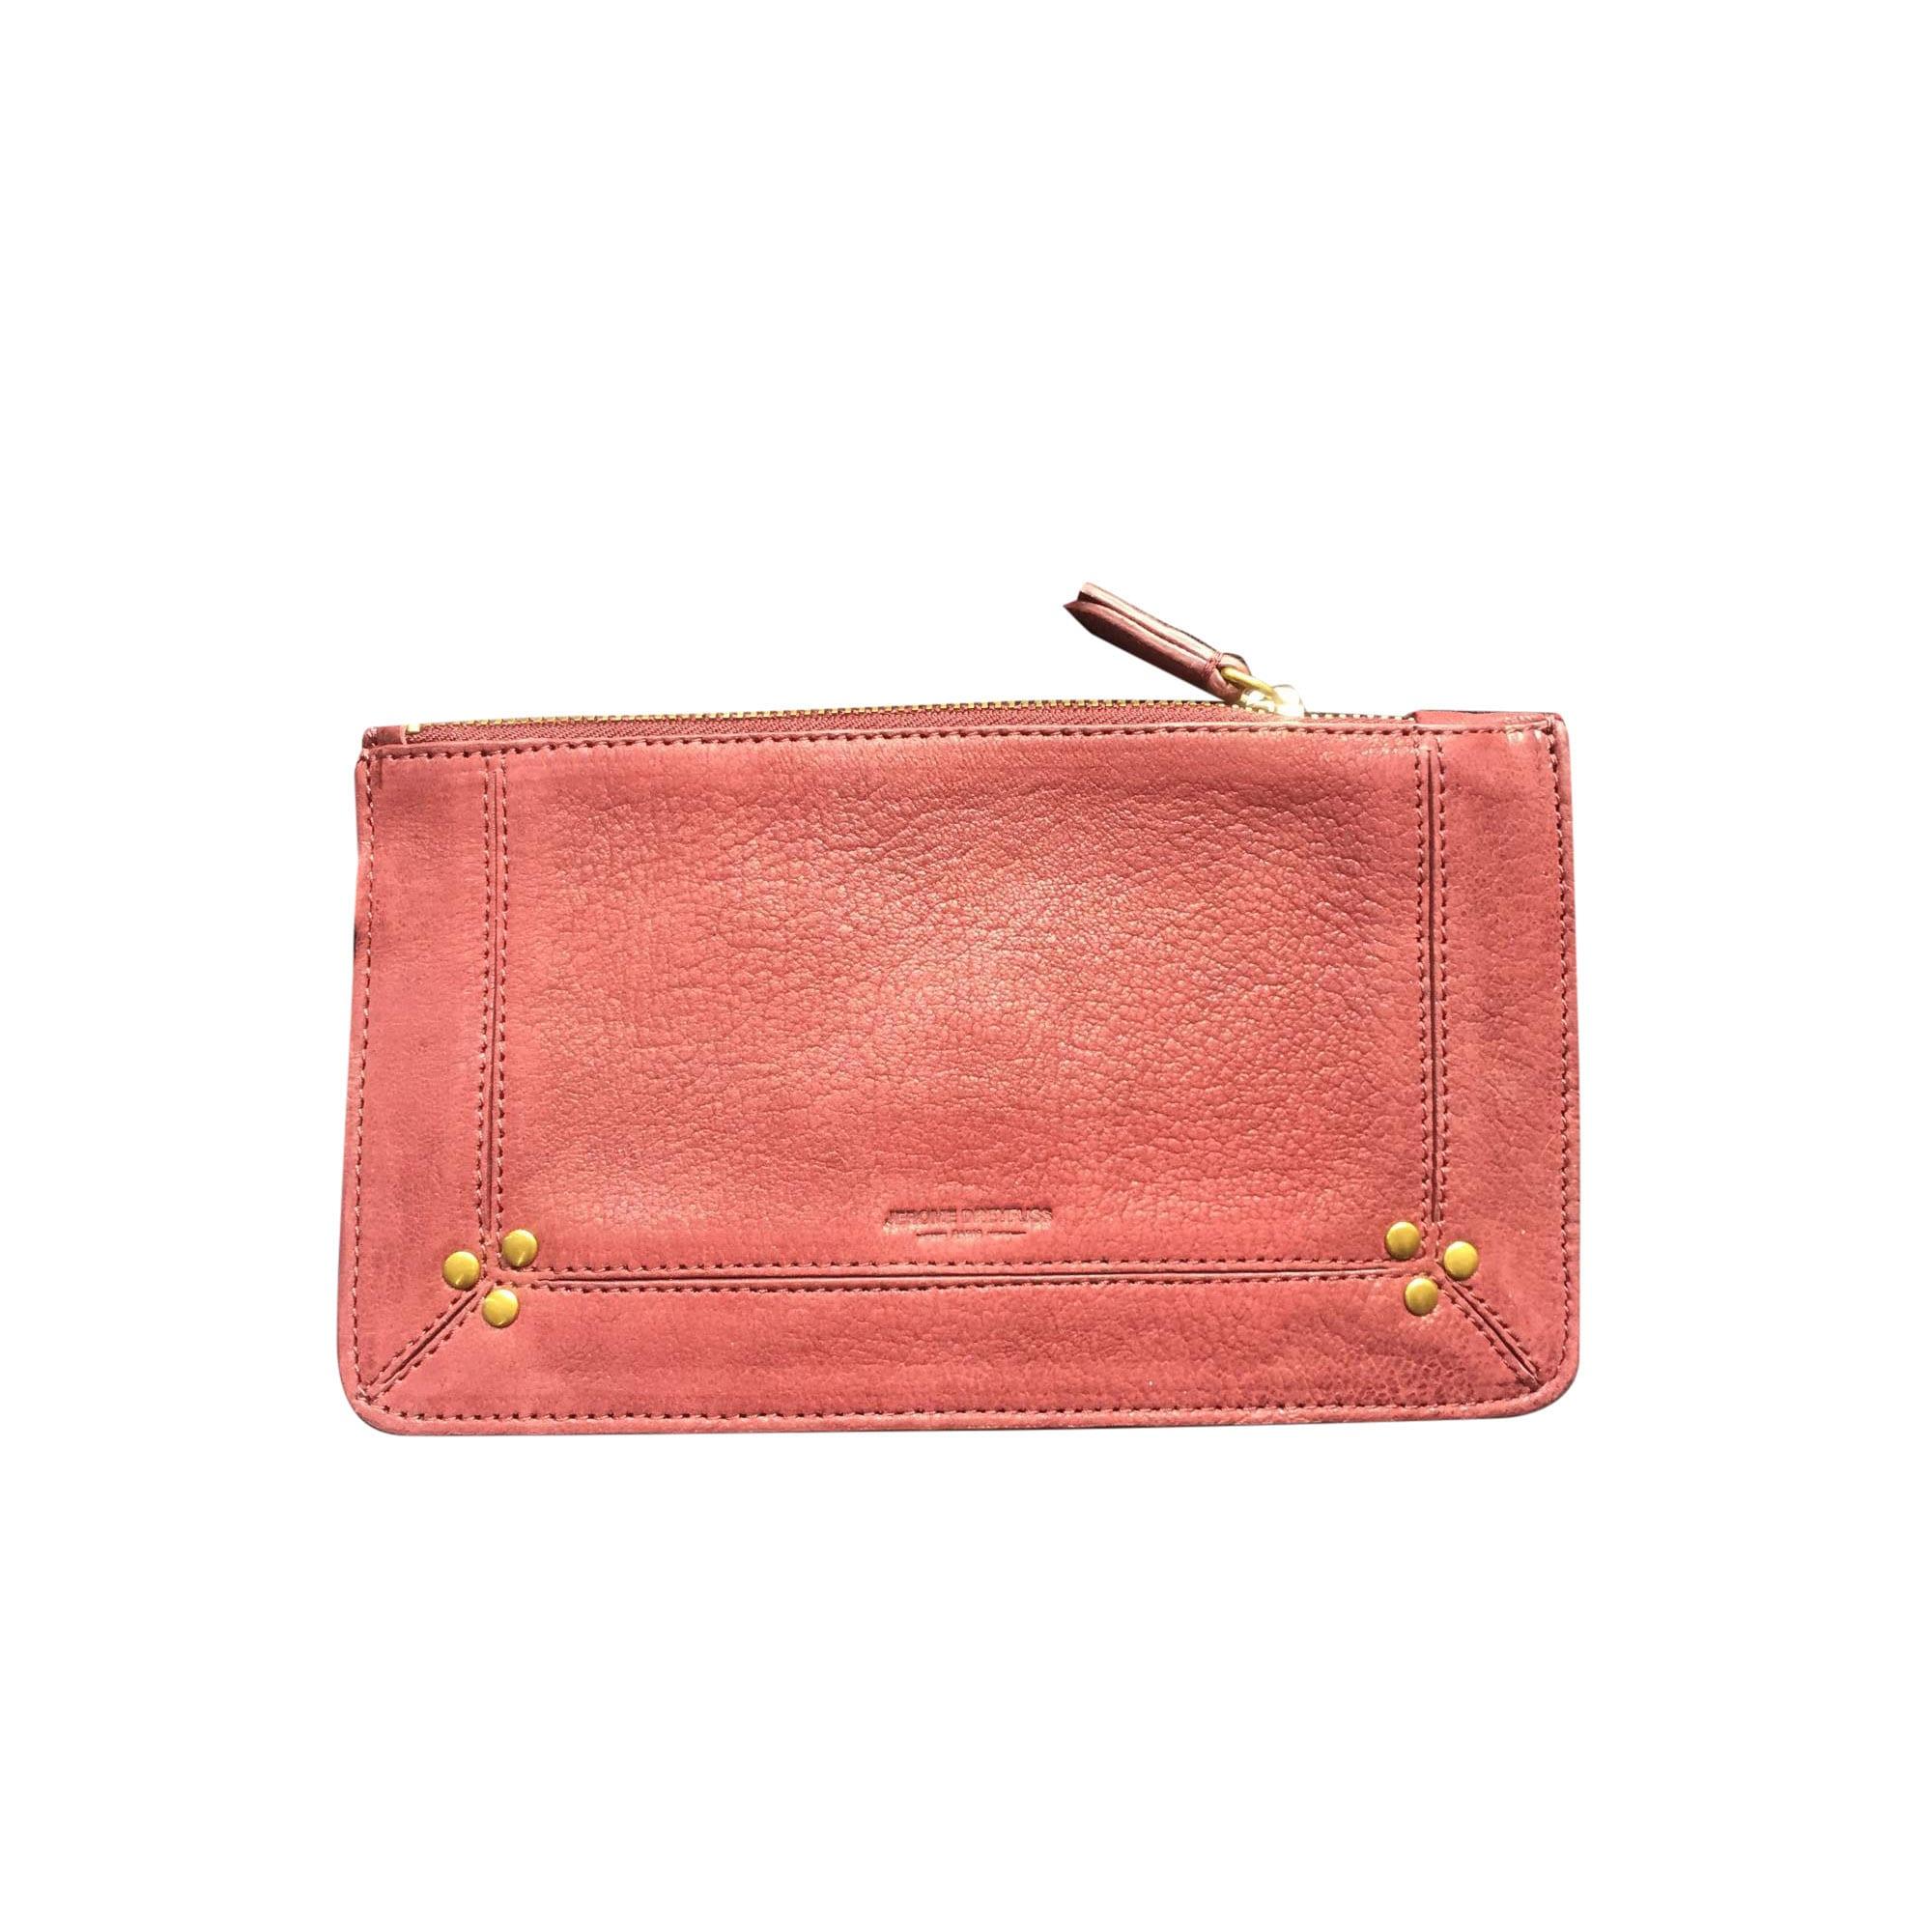 Handtaschen JEROME DREYFUSS Rot, bordeauxrot